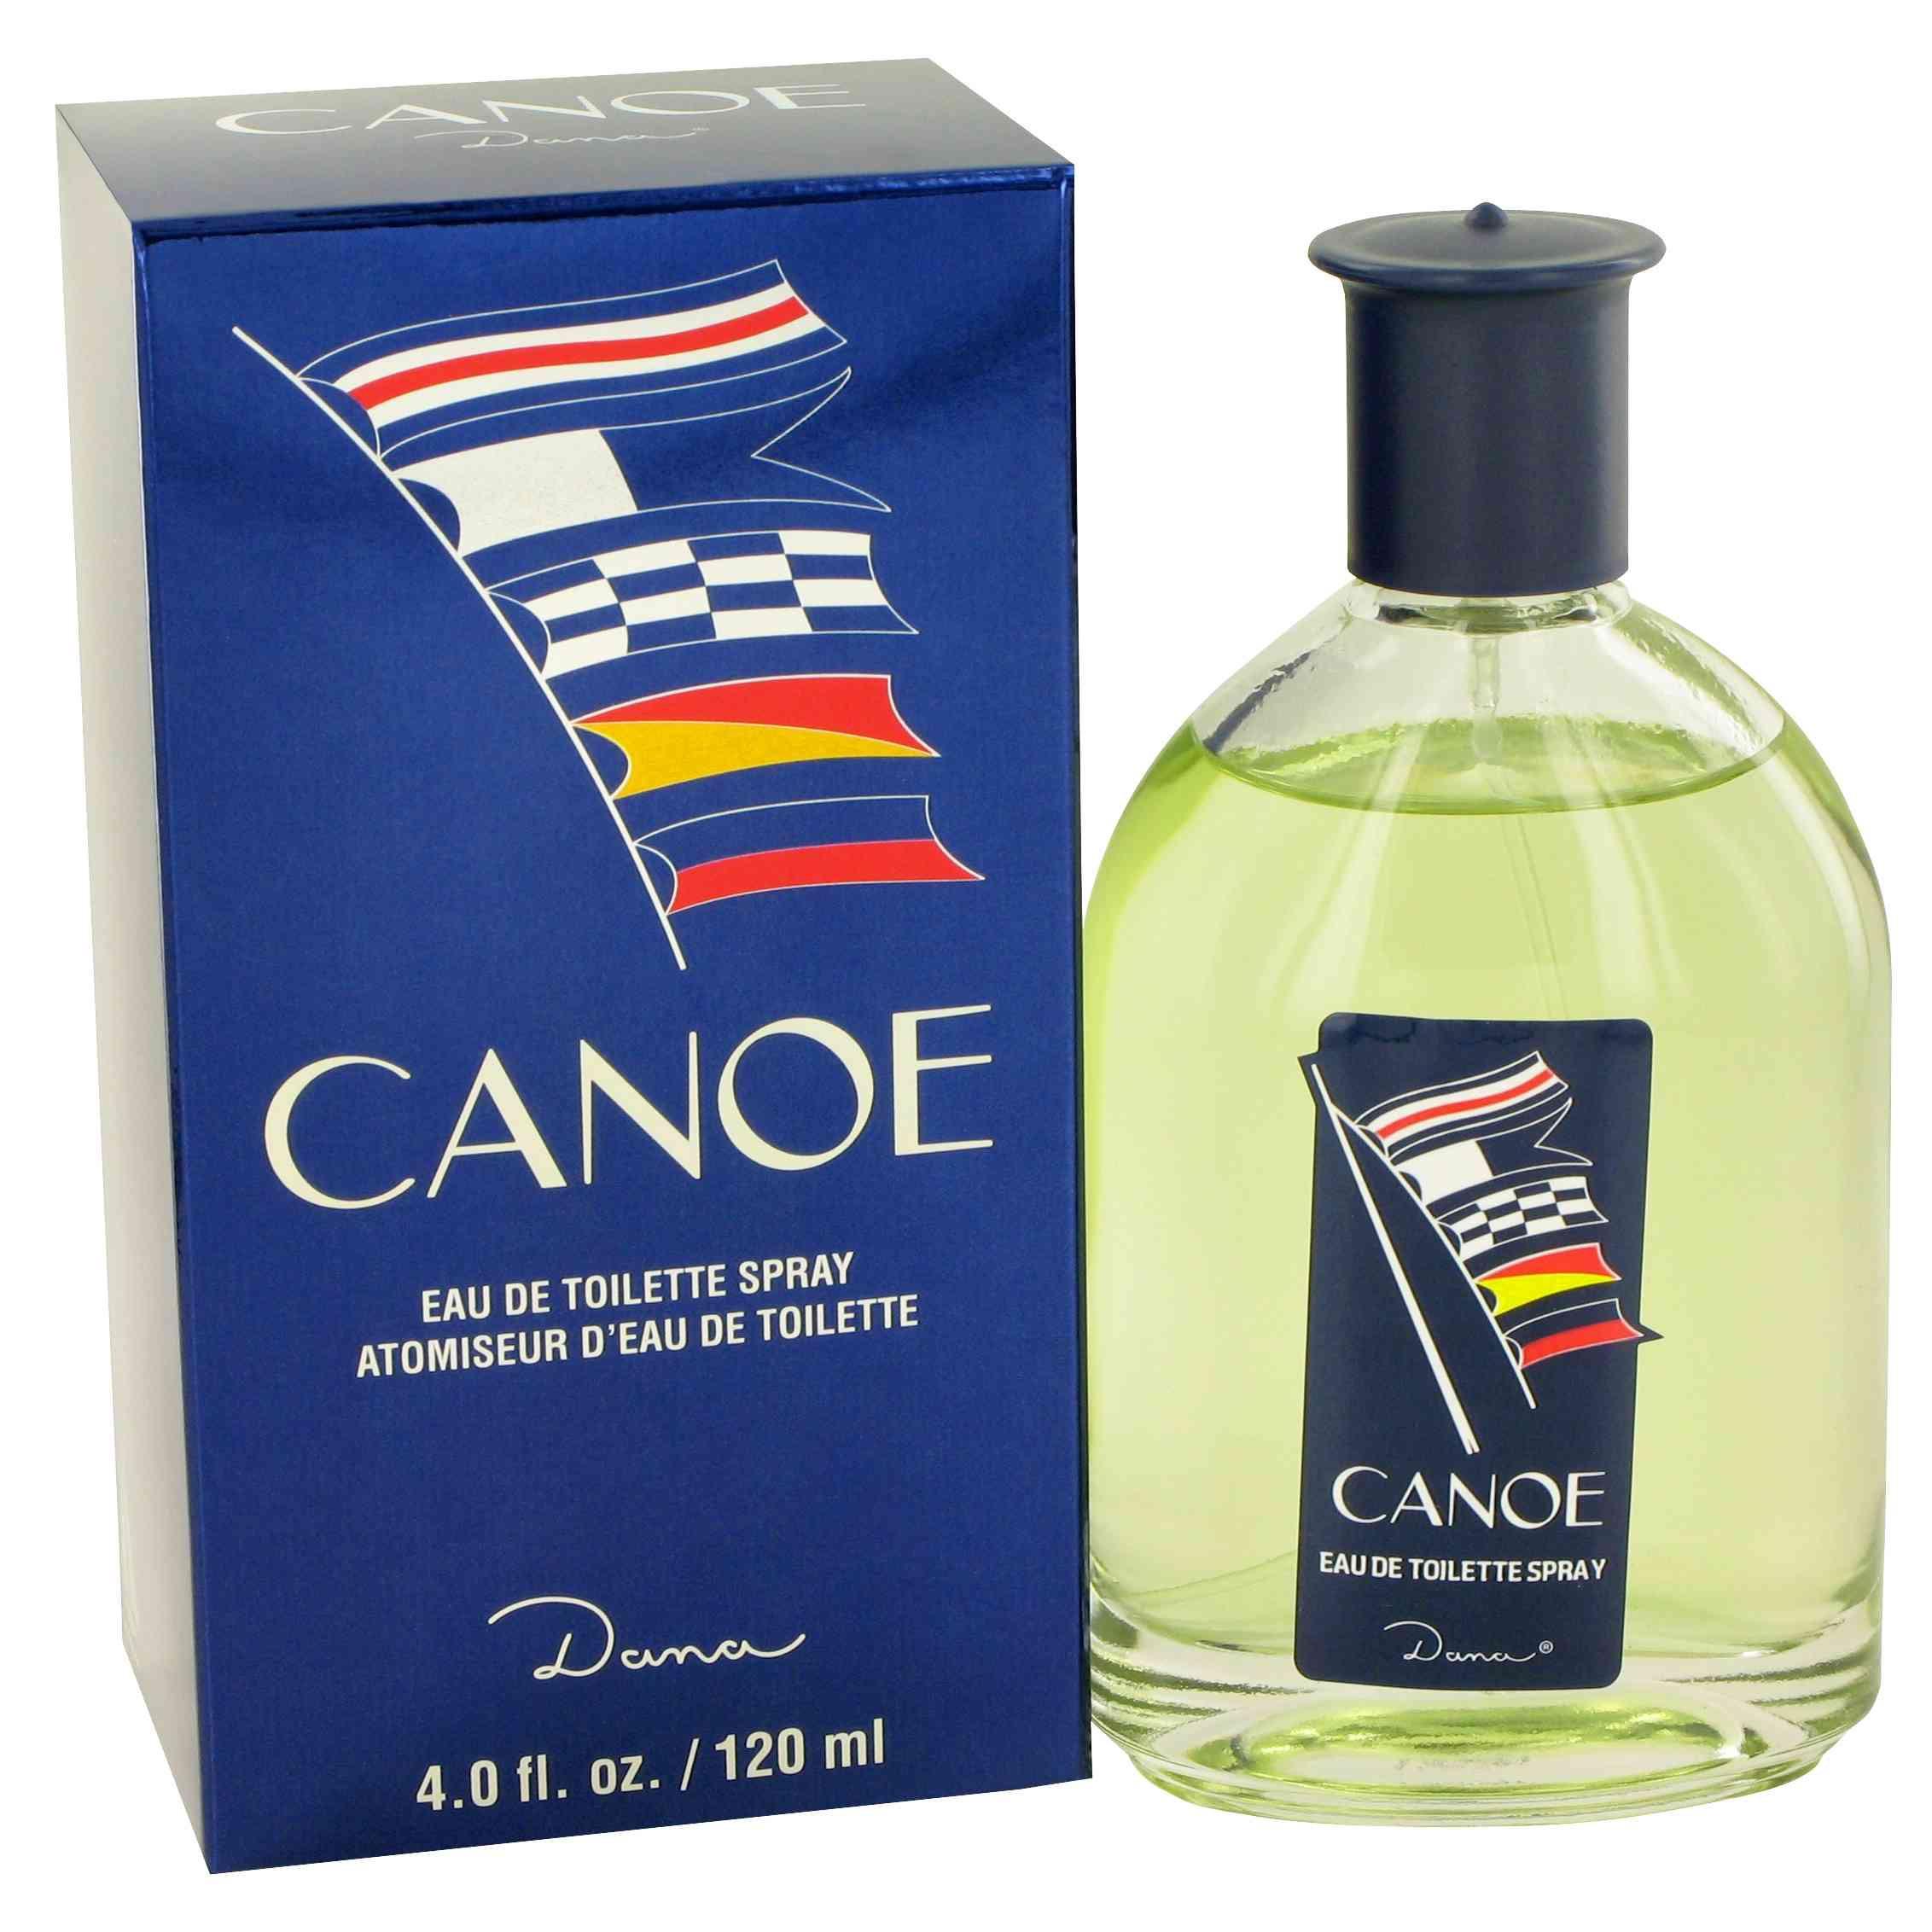 Dana Canoé аромат для мужчин